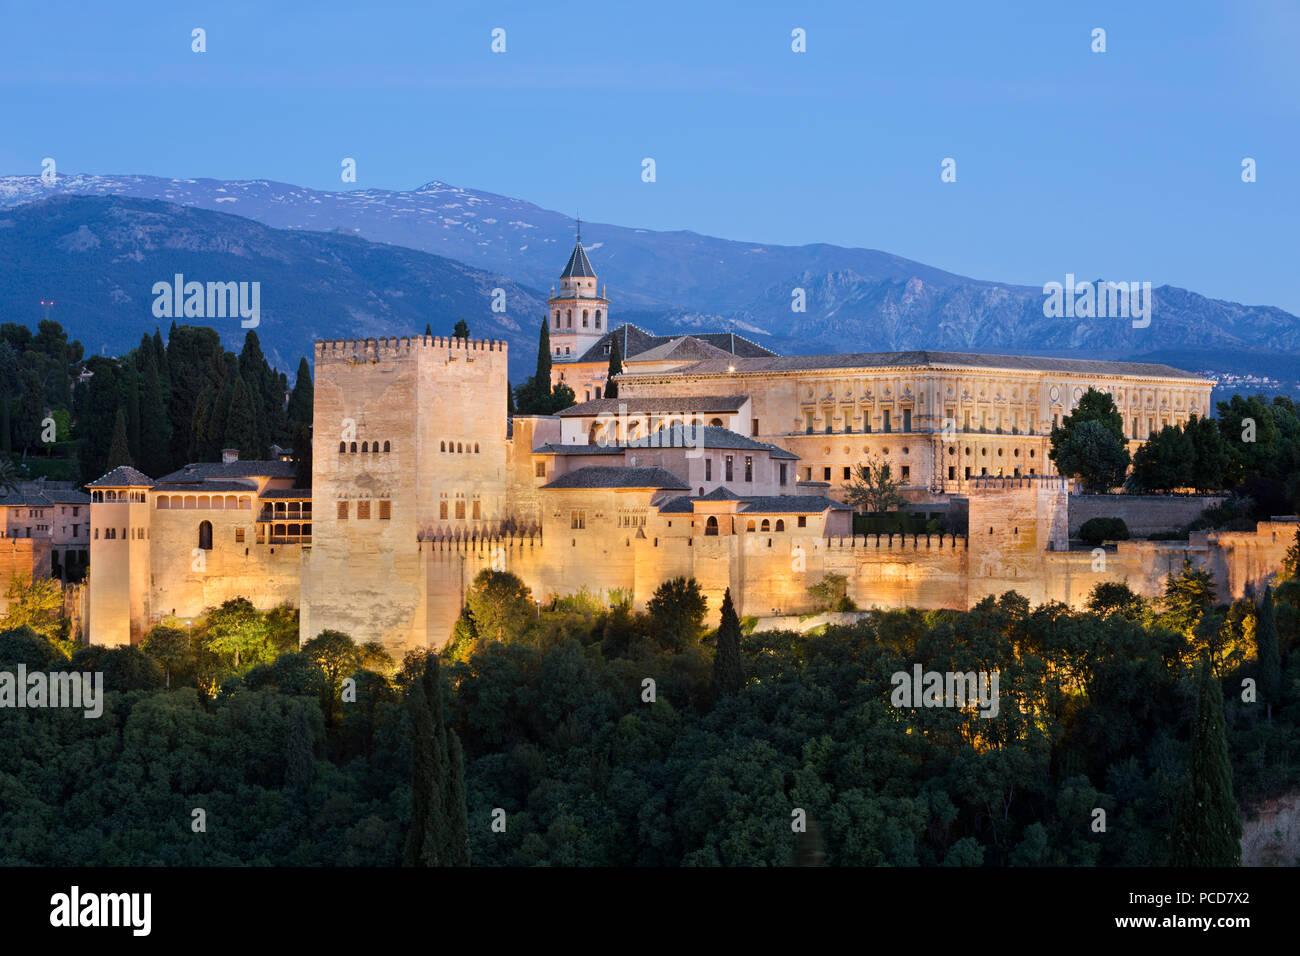 La Alhambra, Sitio del Patrimonio Mundial de la UNESCO, y montañas de Sierra Nevada desde el Mirador de San Nicolás, Granada, Andalucía, España, Europa Imagen De Stock